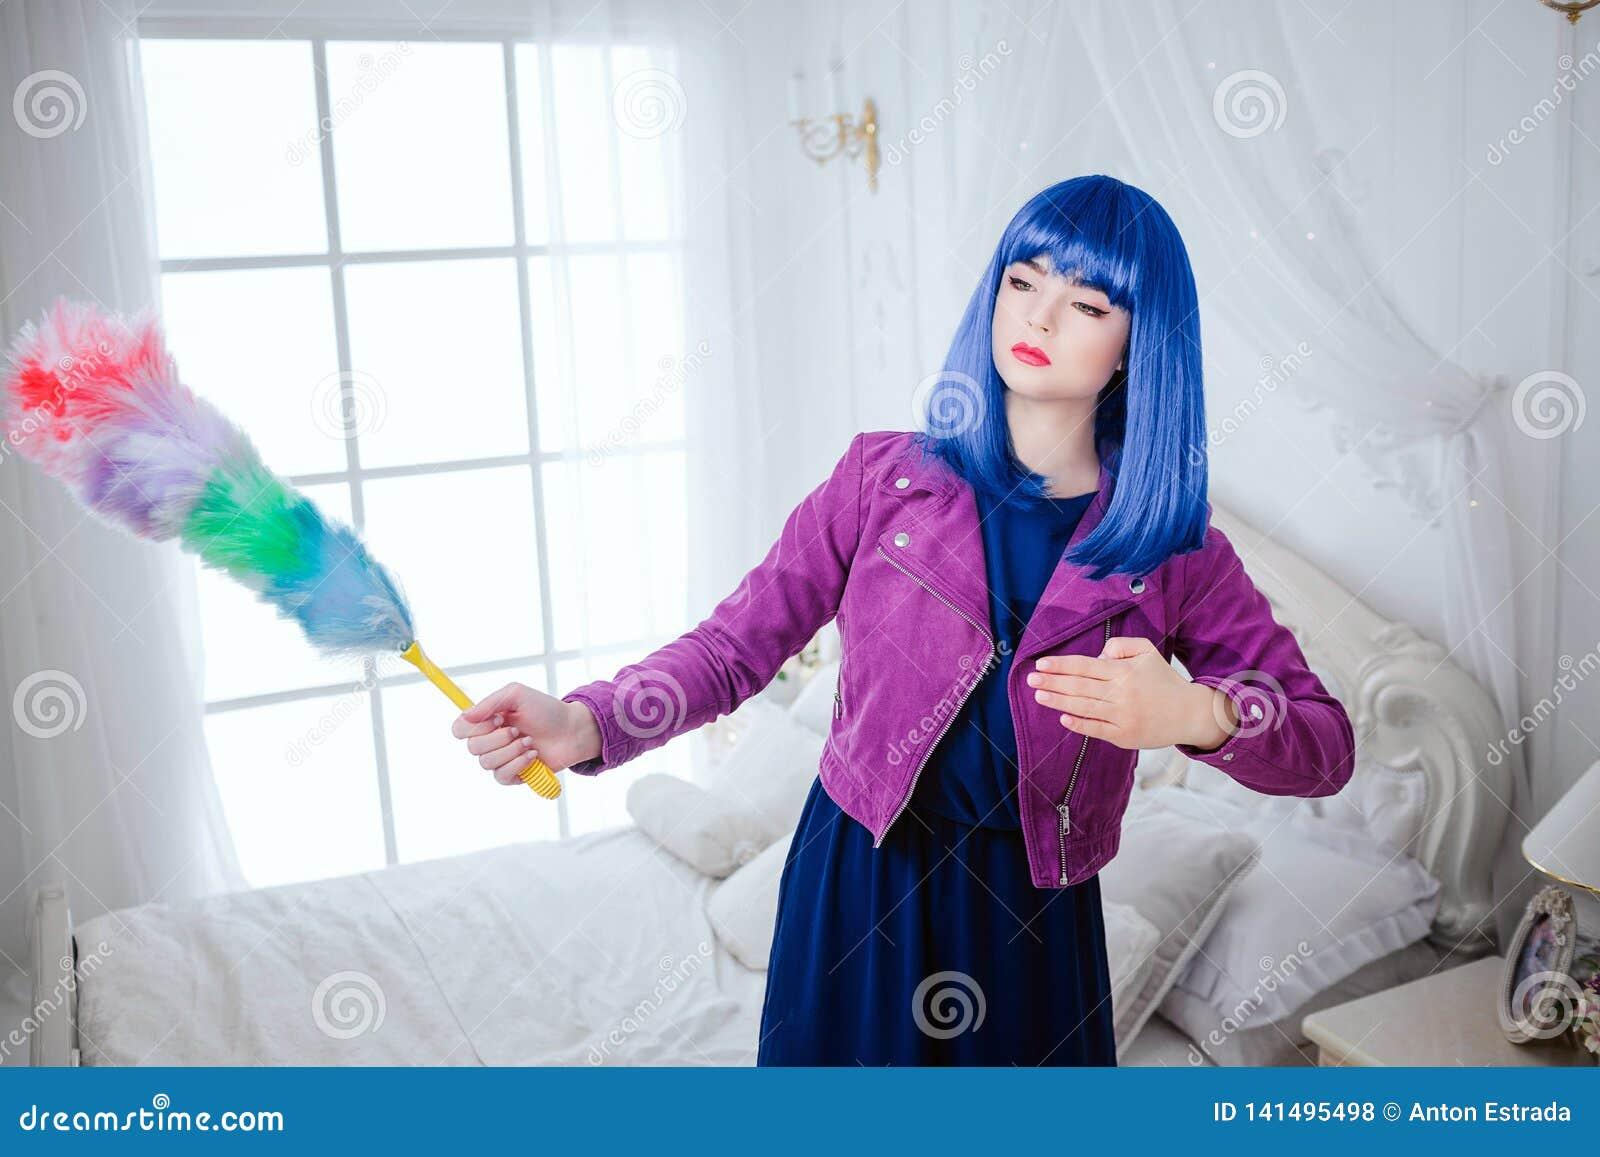 时尚畸形人 魅力综合性女孩、假玩偶有空的神色的和蓝色头发举行横扫在白色